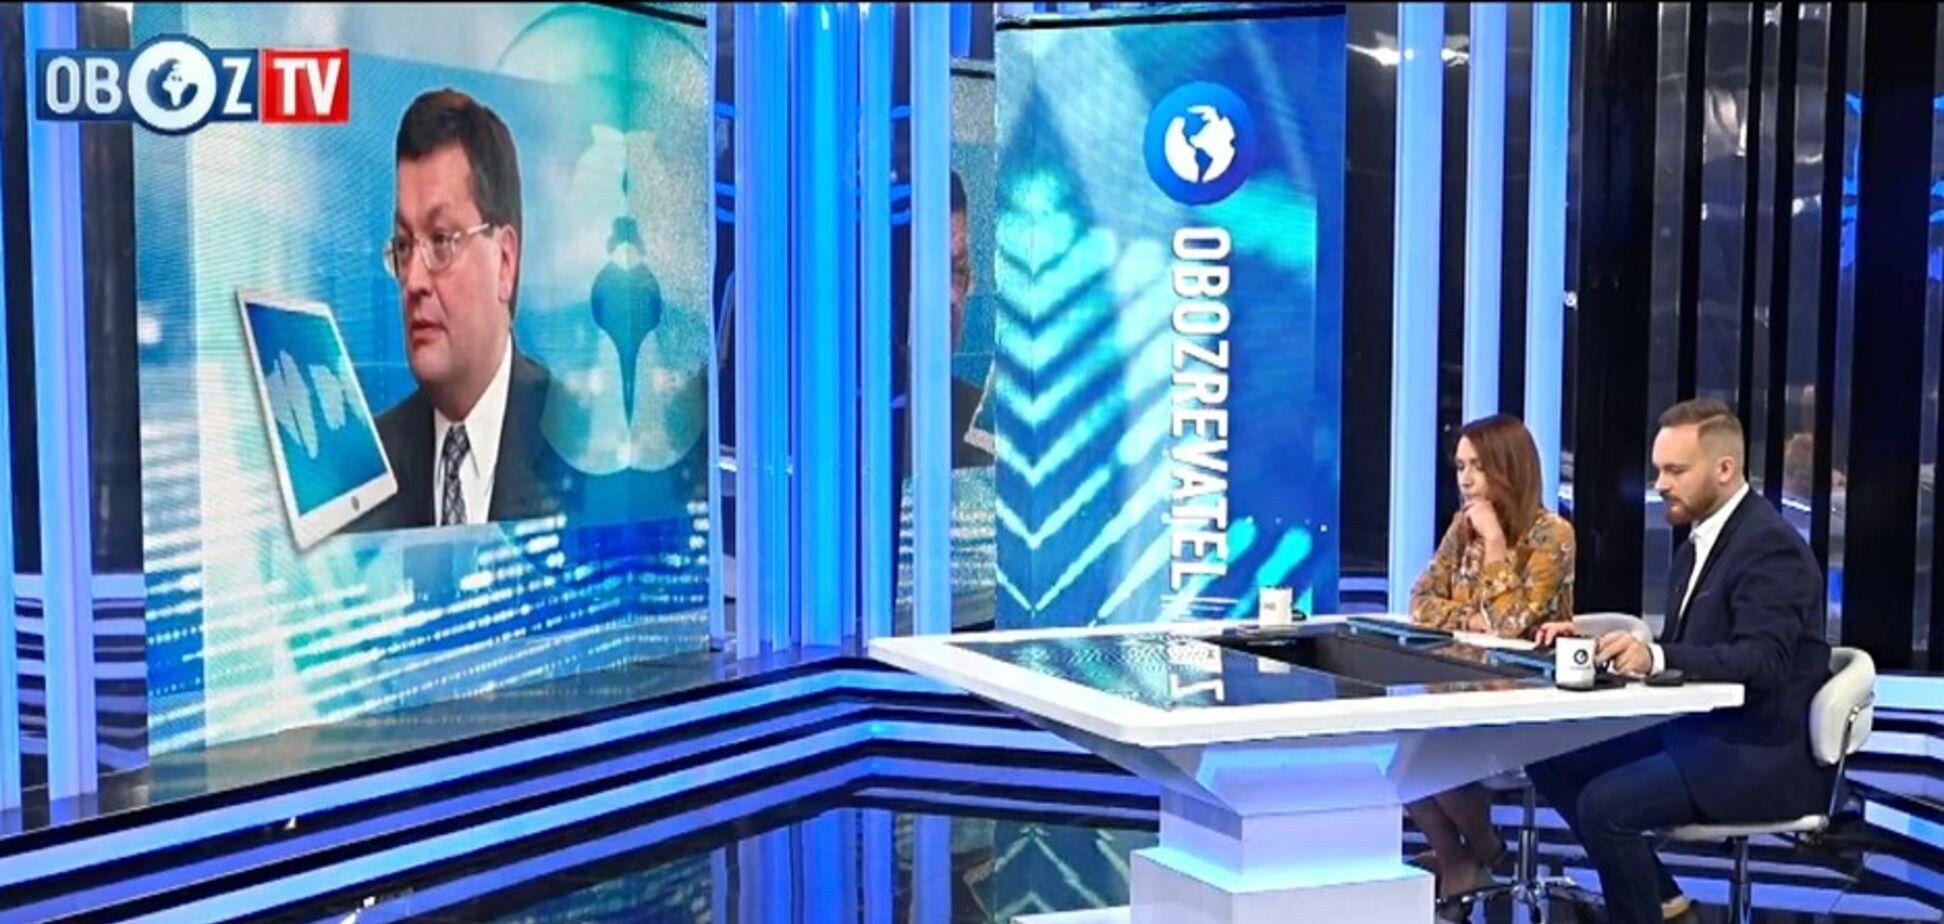 Відставка глави МЗС не відбулася: Грищенко розкрив суть конфлікту Клімкіна та Зеленського